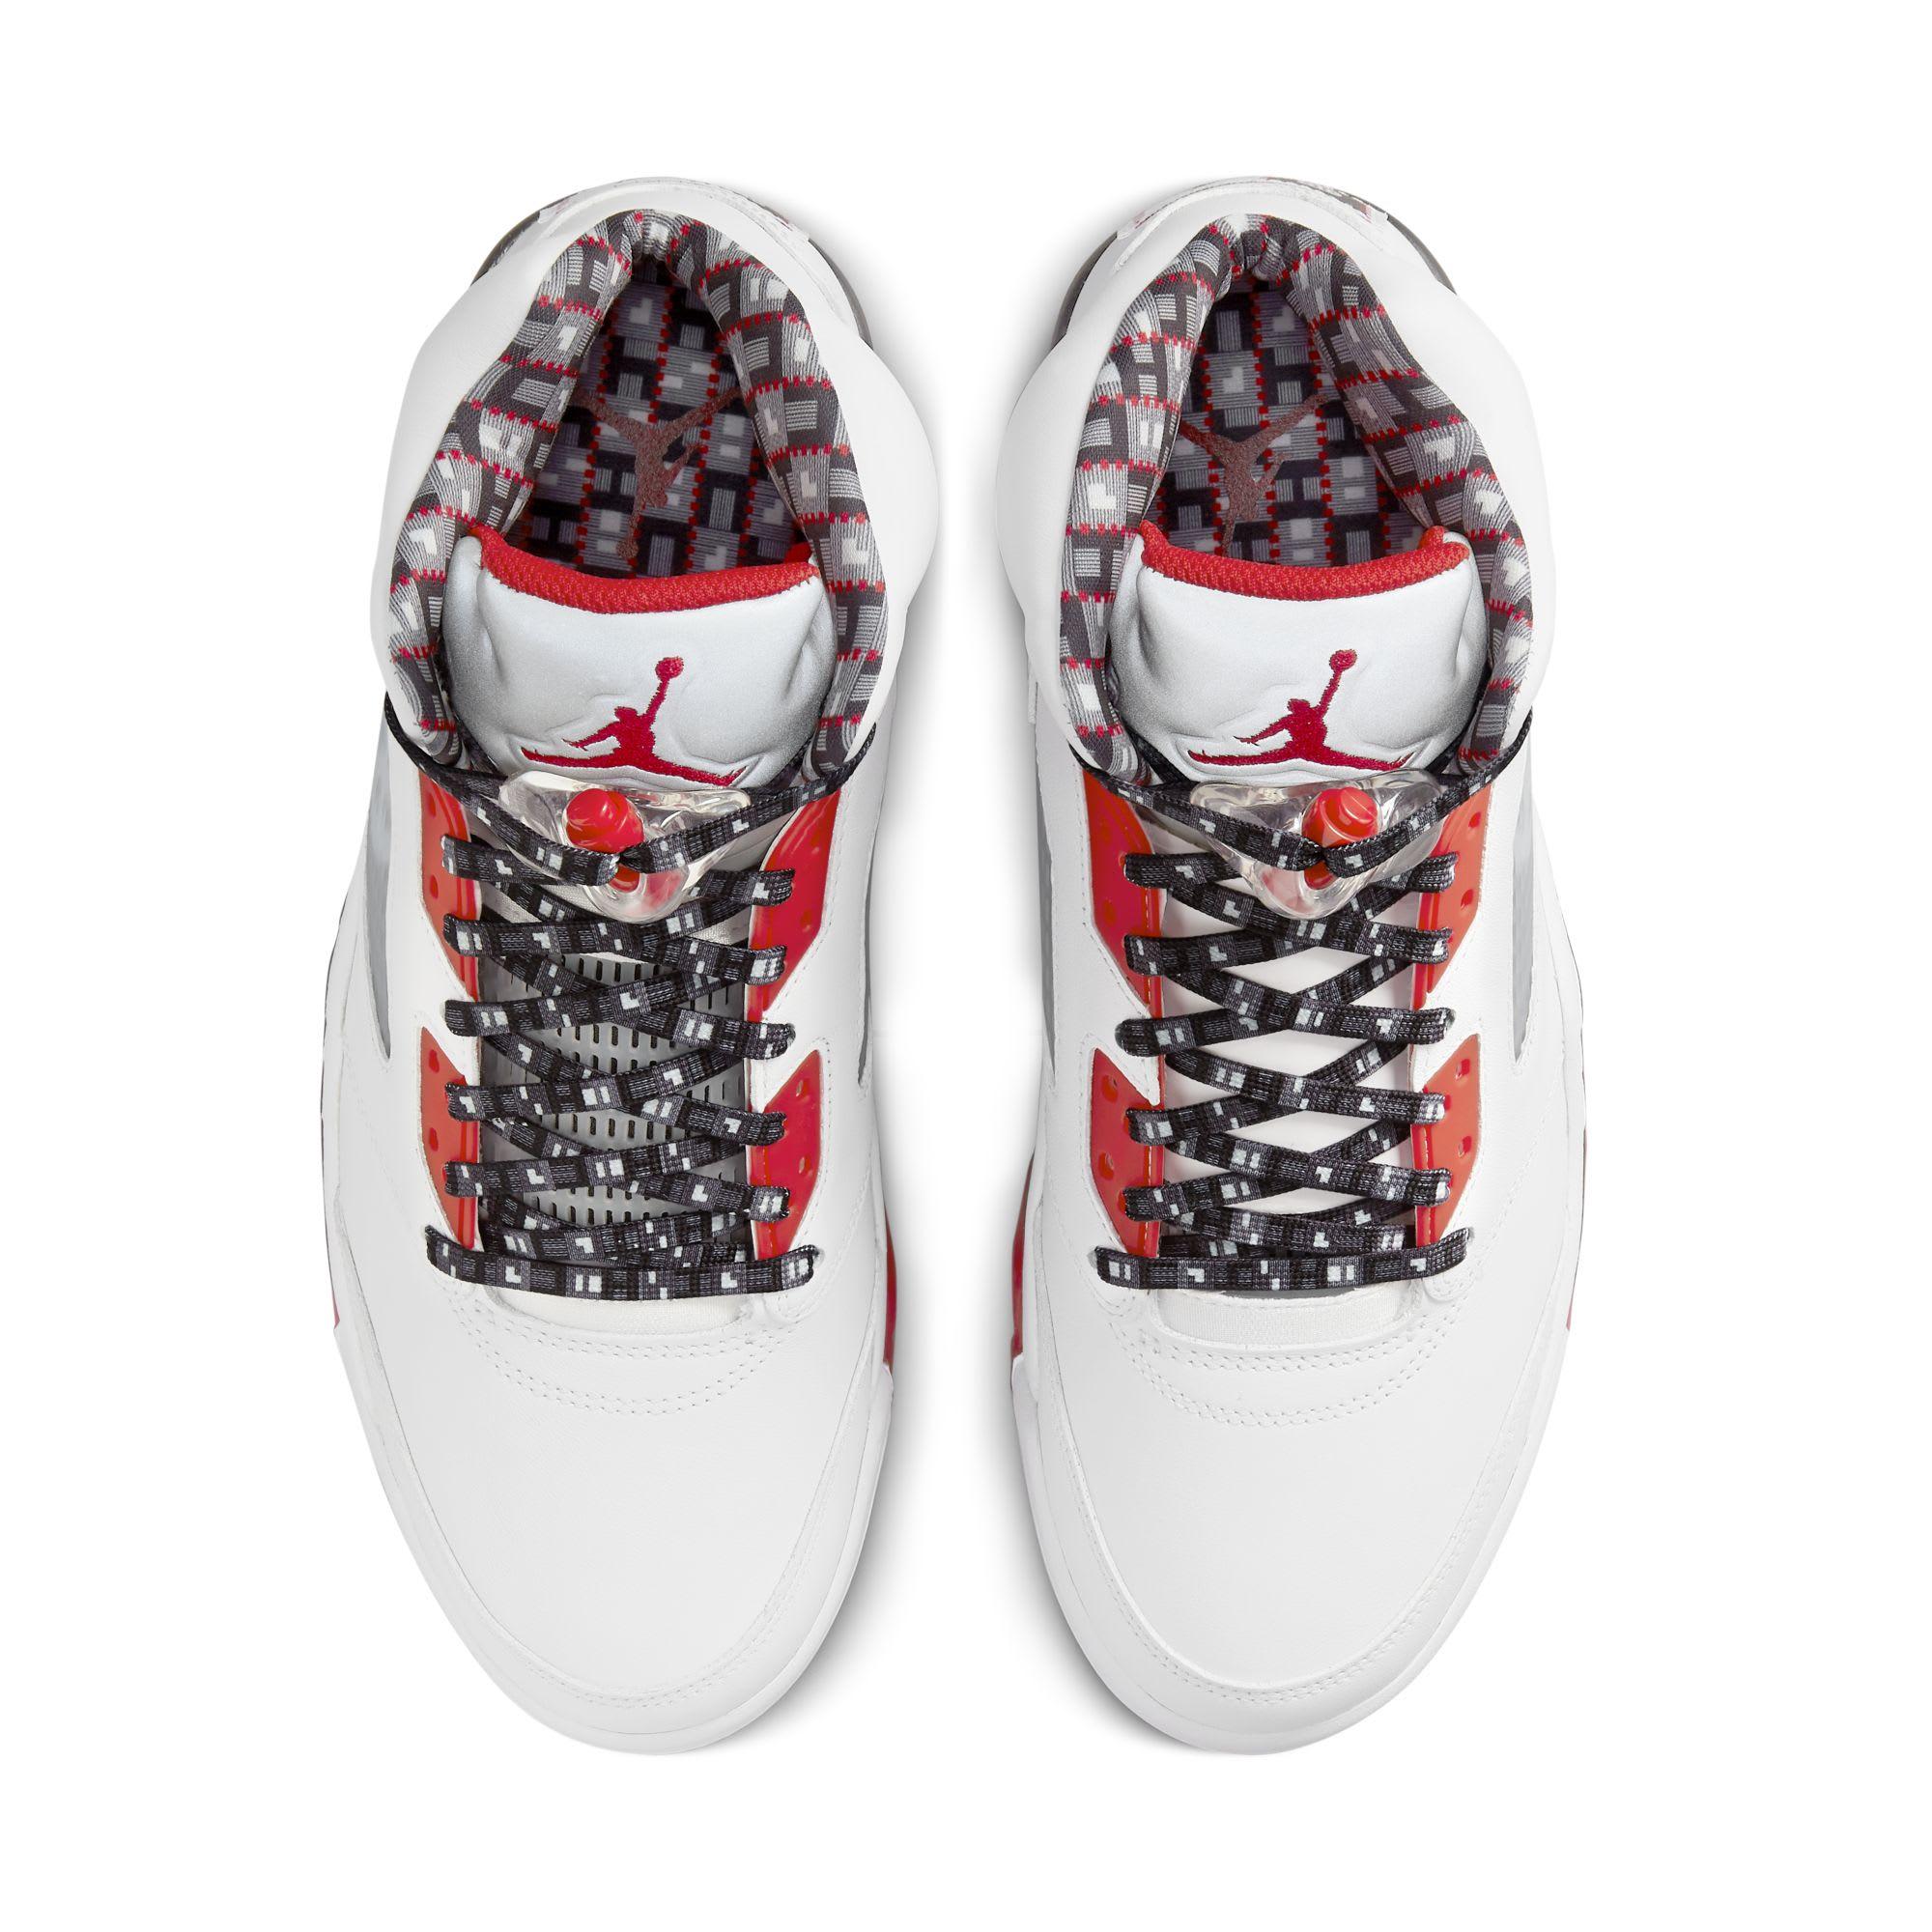 Air Jordan 5 V Quai 54 2021 Release Date Top